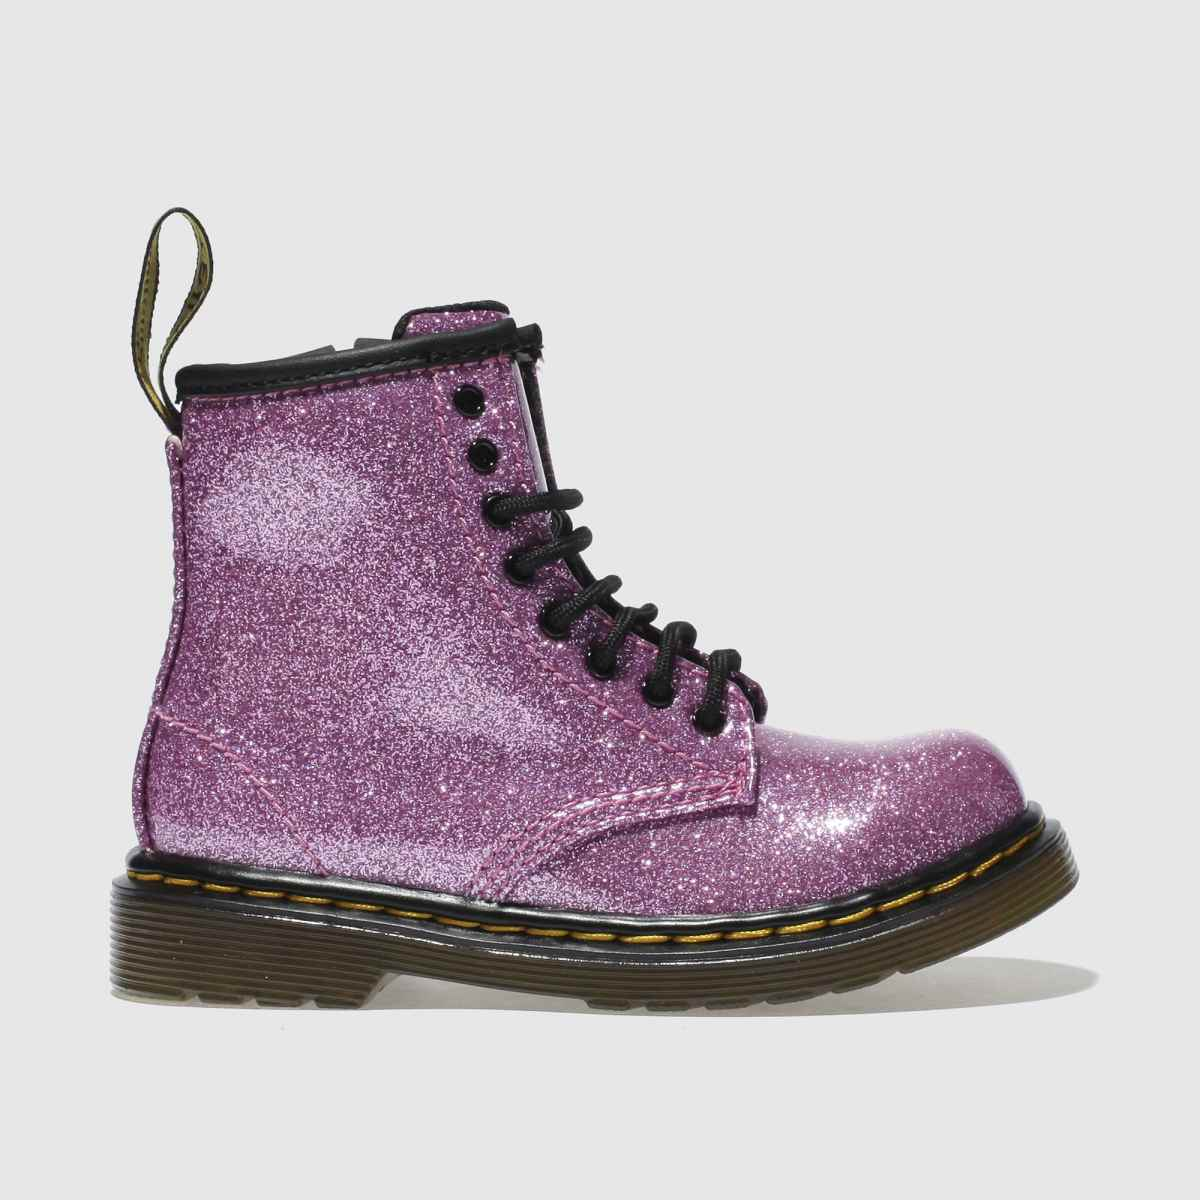 Dr Martens Pink 1460 Glitter Girls Toddler Boots